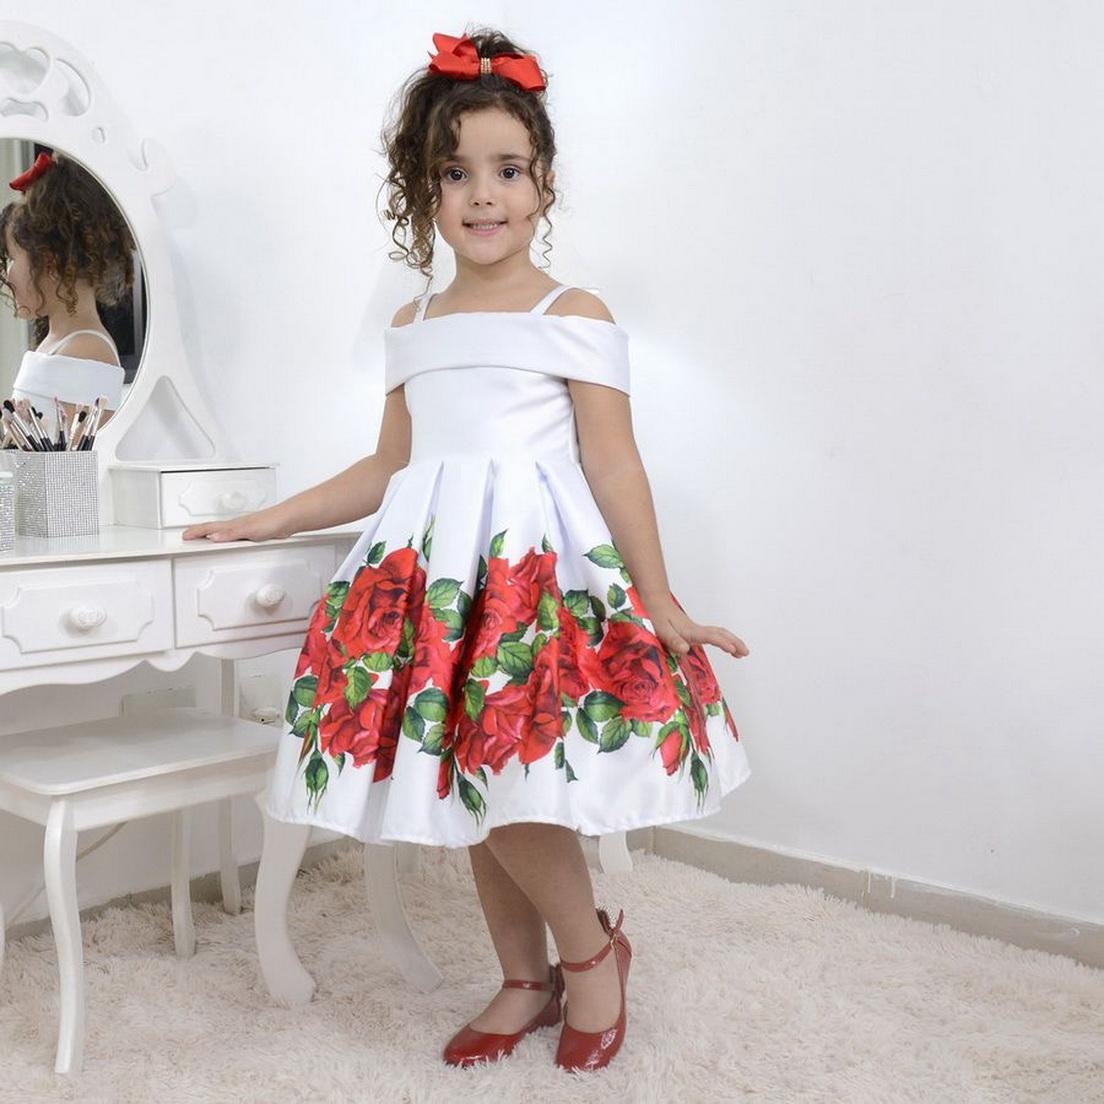 Vestido infantil branco com rosas vermelhas